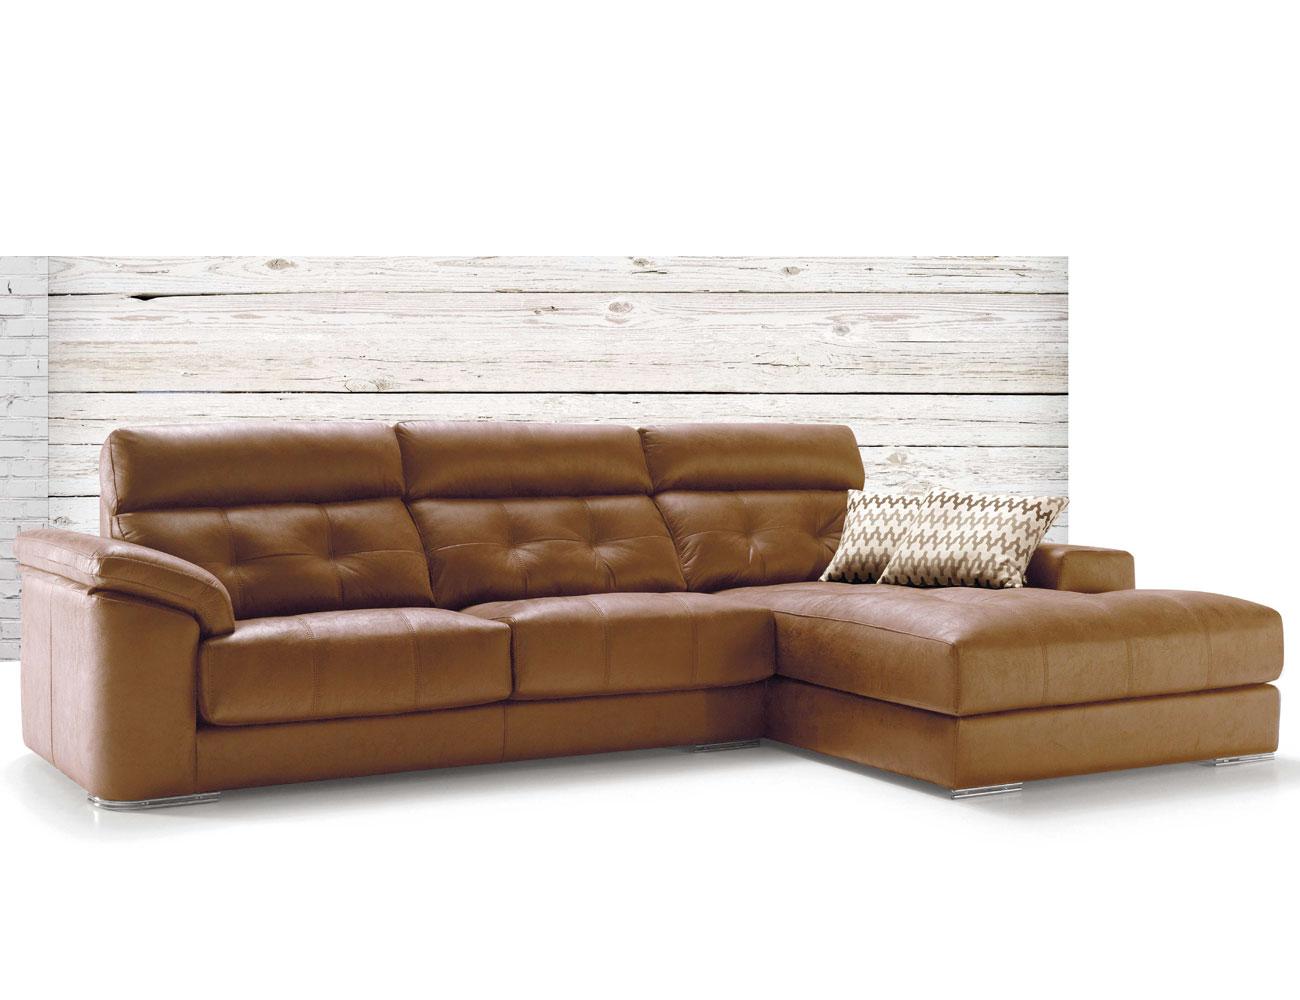 sof chaiselongue con asientos de viscoel stica 10055